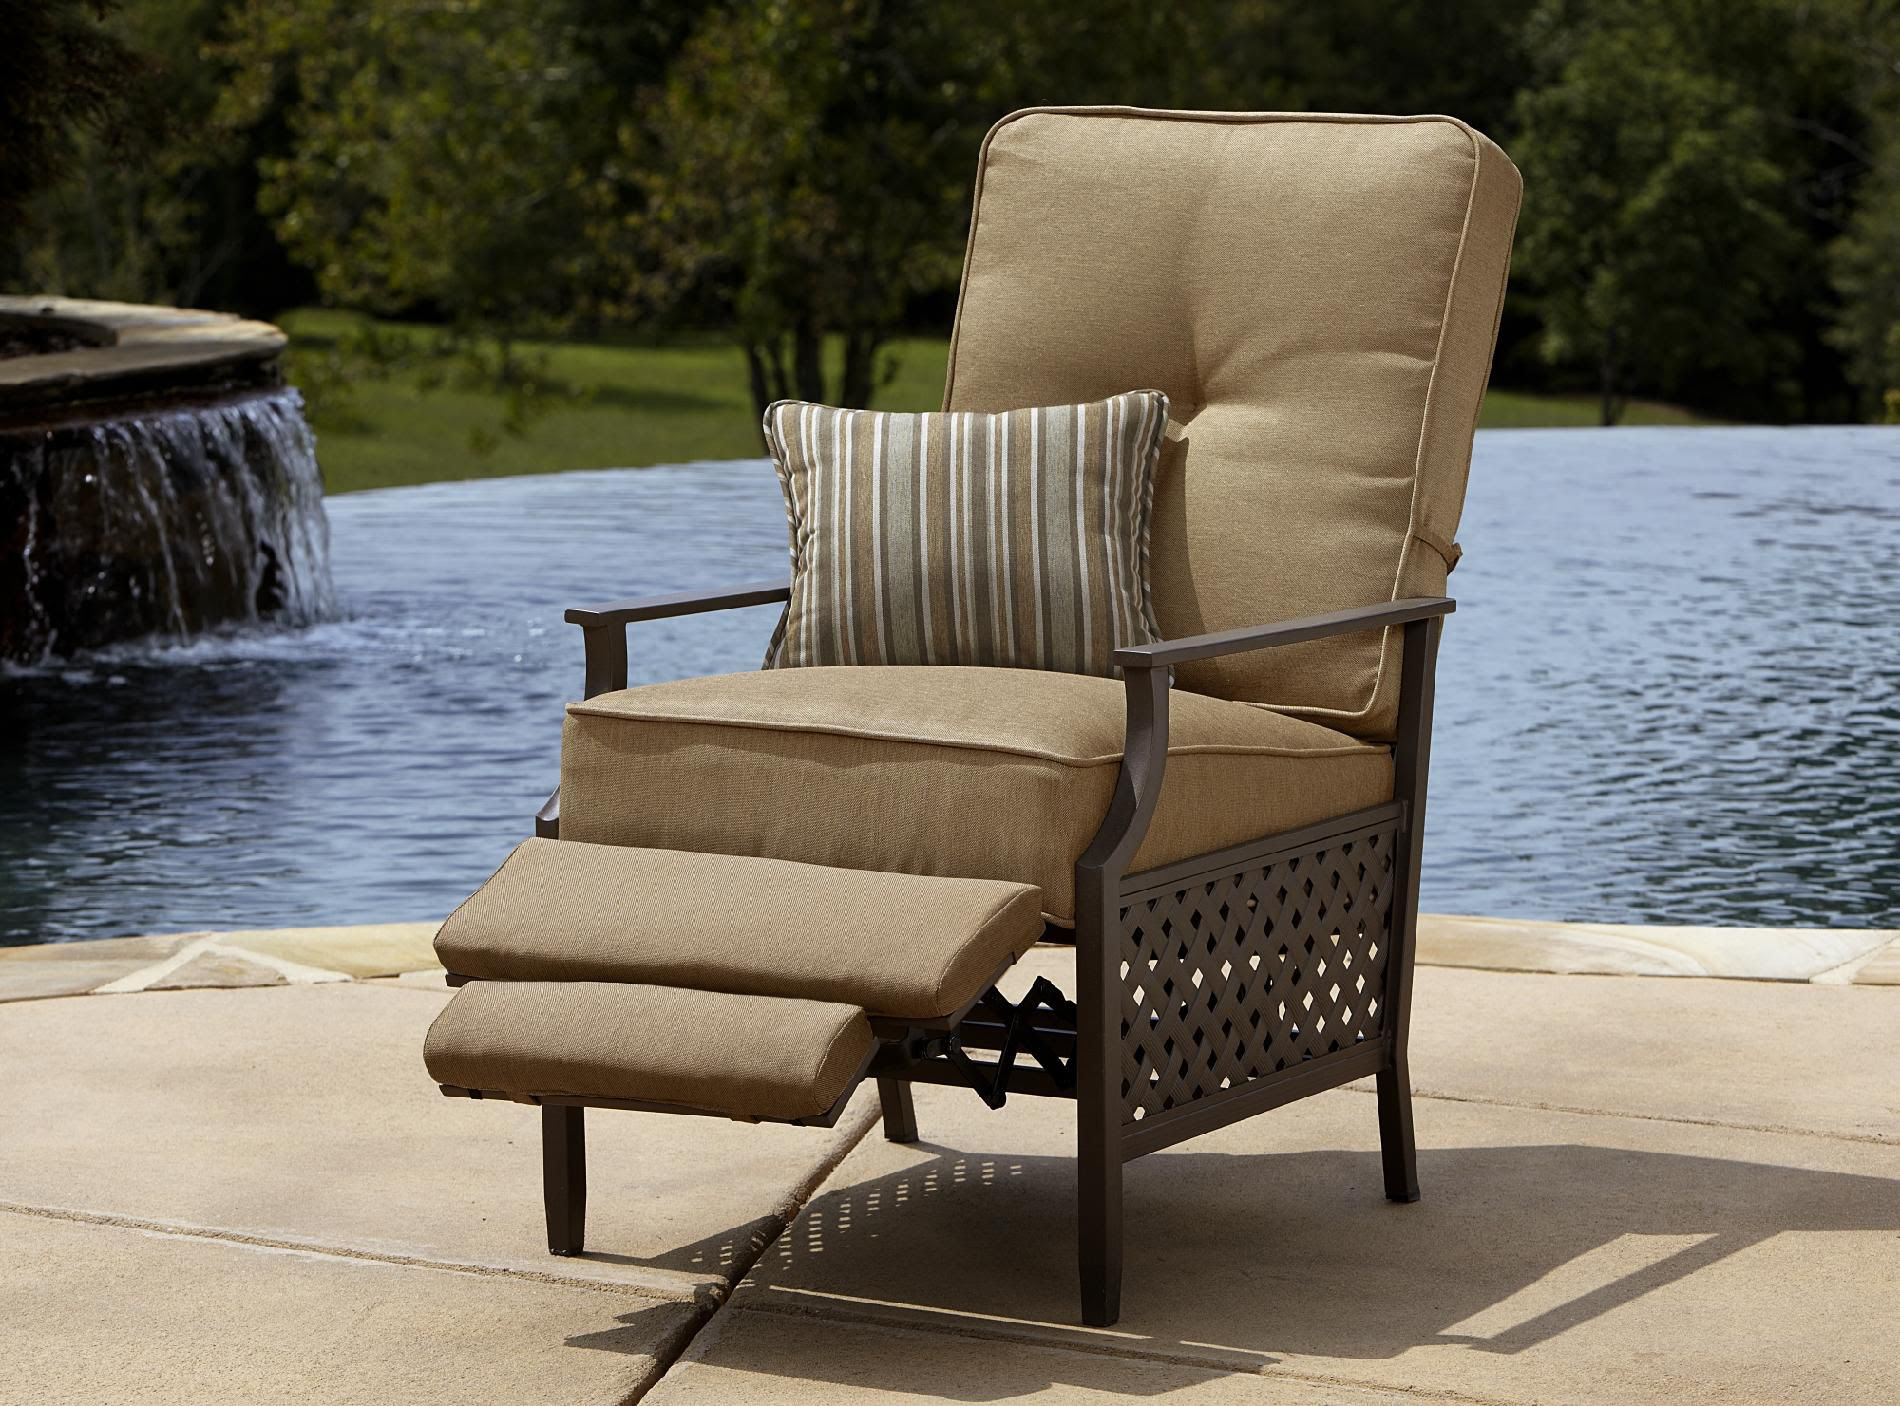 La-Z-Boy Outdoor Kennedy Recliner - Outdoor Living - Patio ...